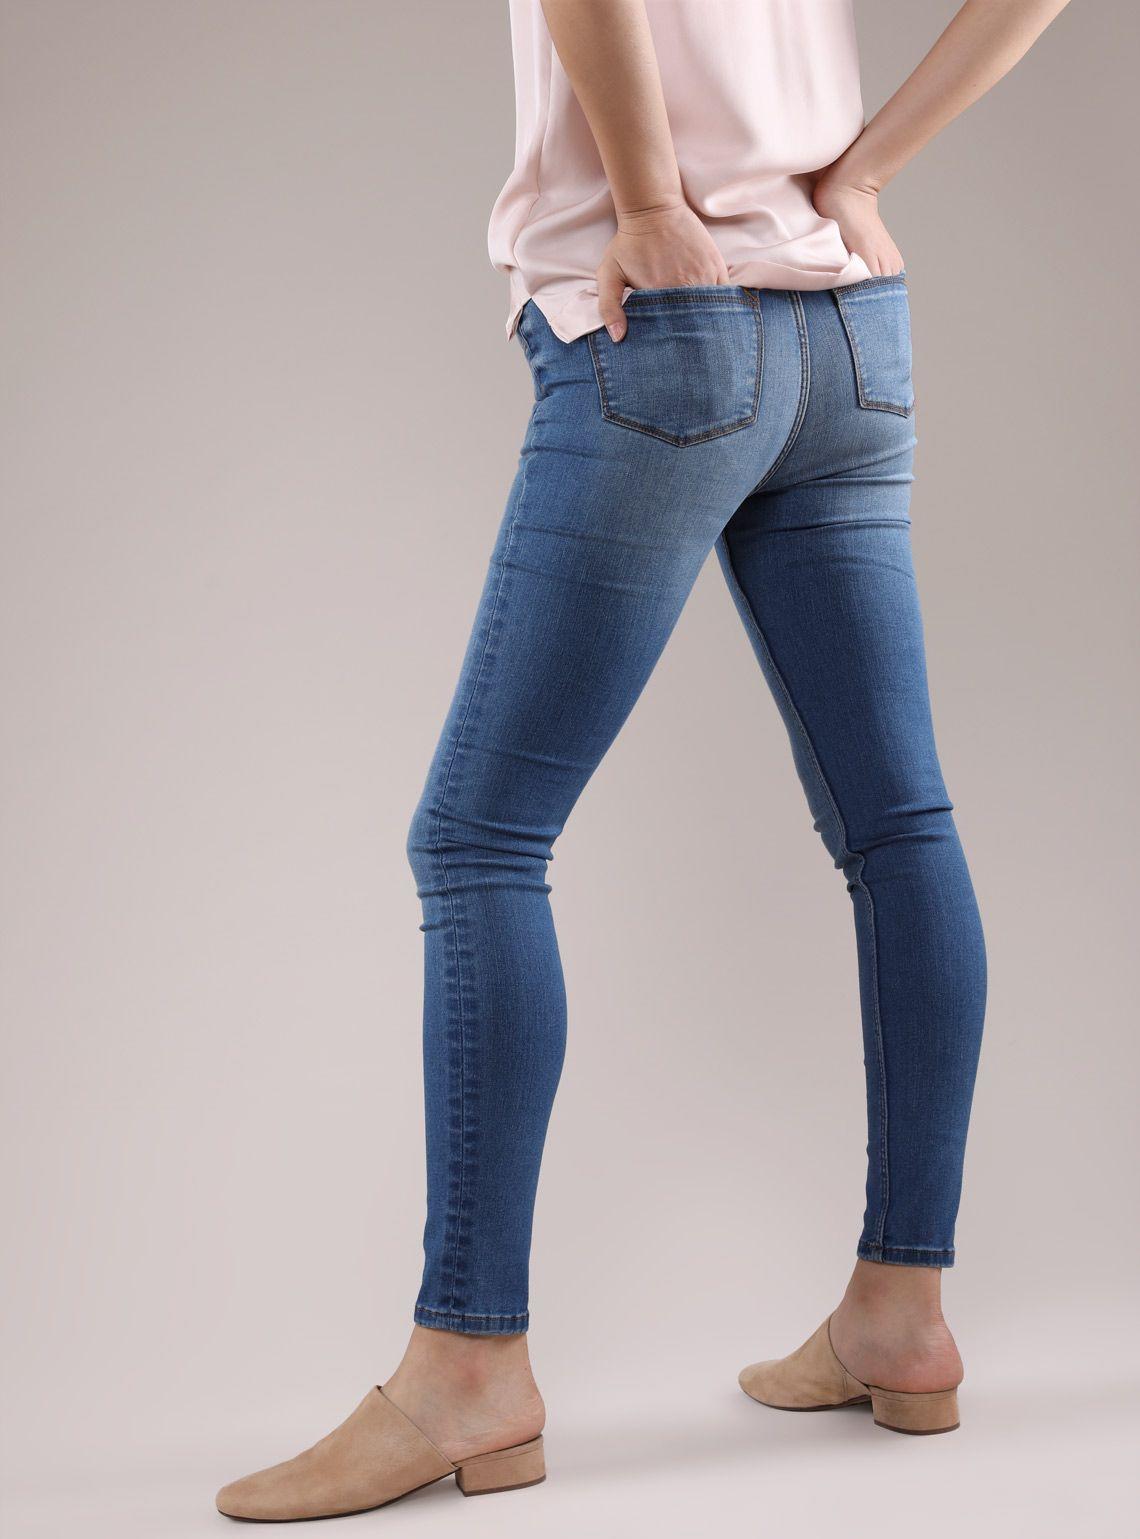 6ec784764 Women's Flex Denim Mid-Rise Skinny Jeans | Grana